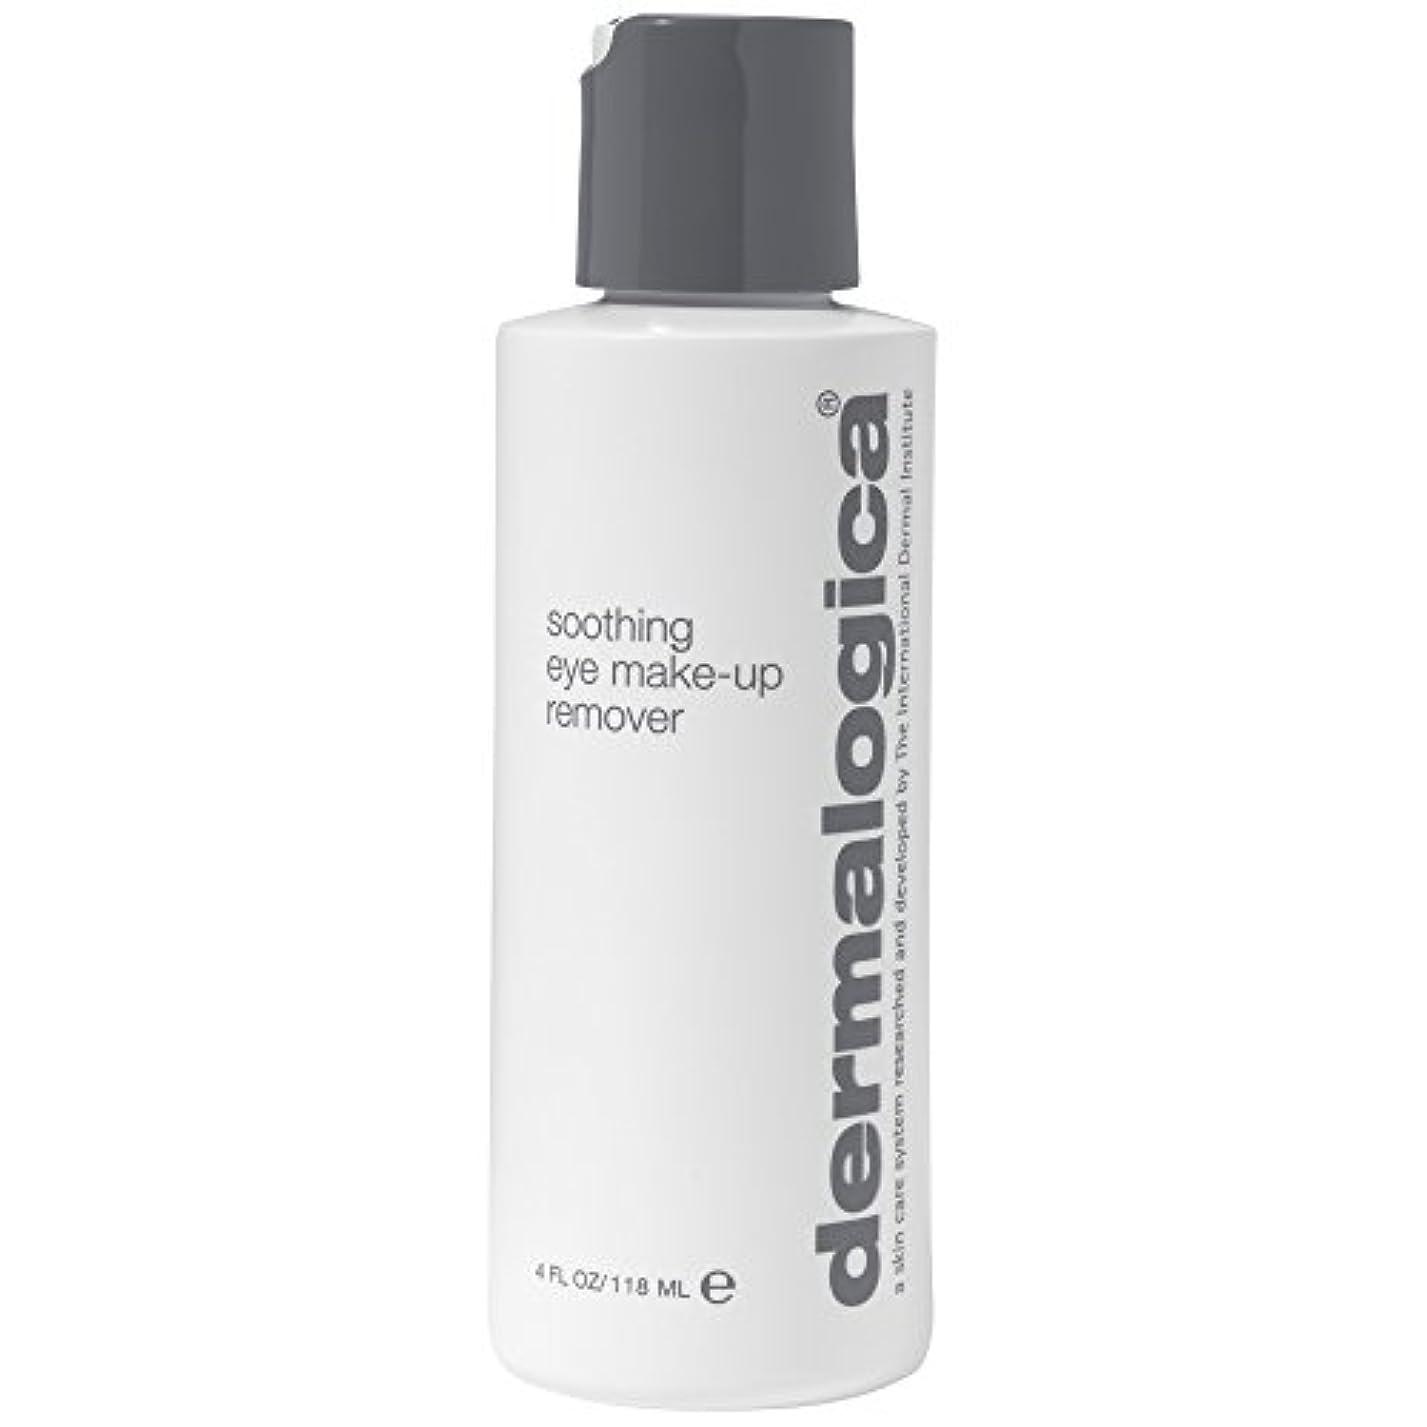 ブローホール浮浪者落ち着かないダーマロジカなだめるアイメイクアップリムーバーの118ミリリットル (Dermalogica) (x6) - Dermalogica Soothing Eye Makeup Remover 118ml (Pack of...